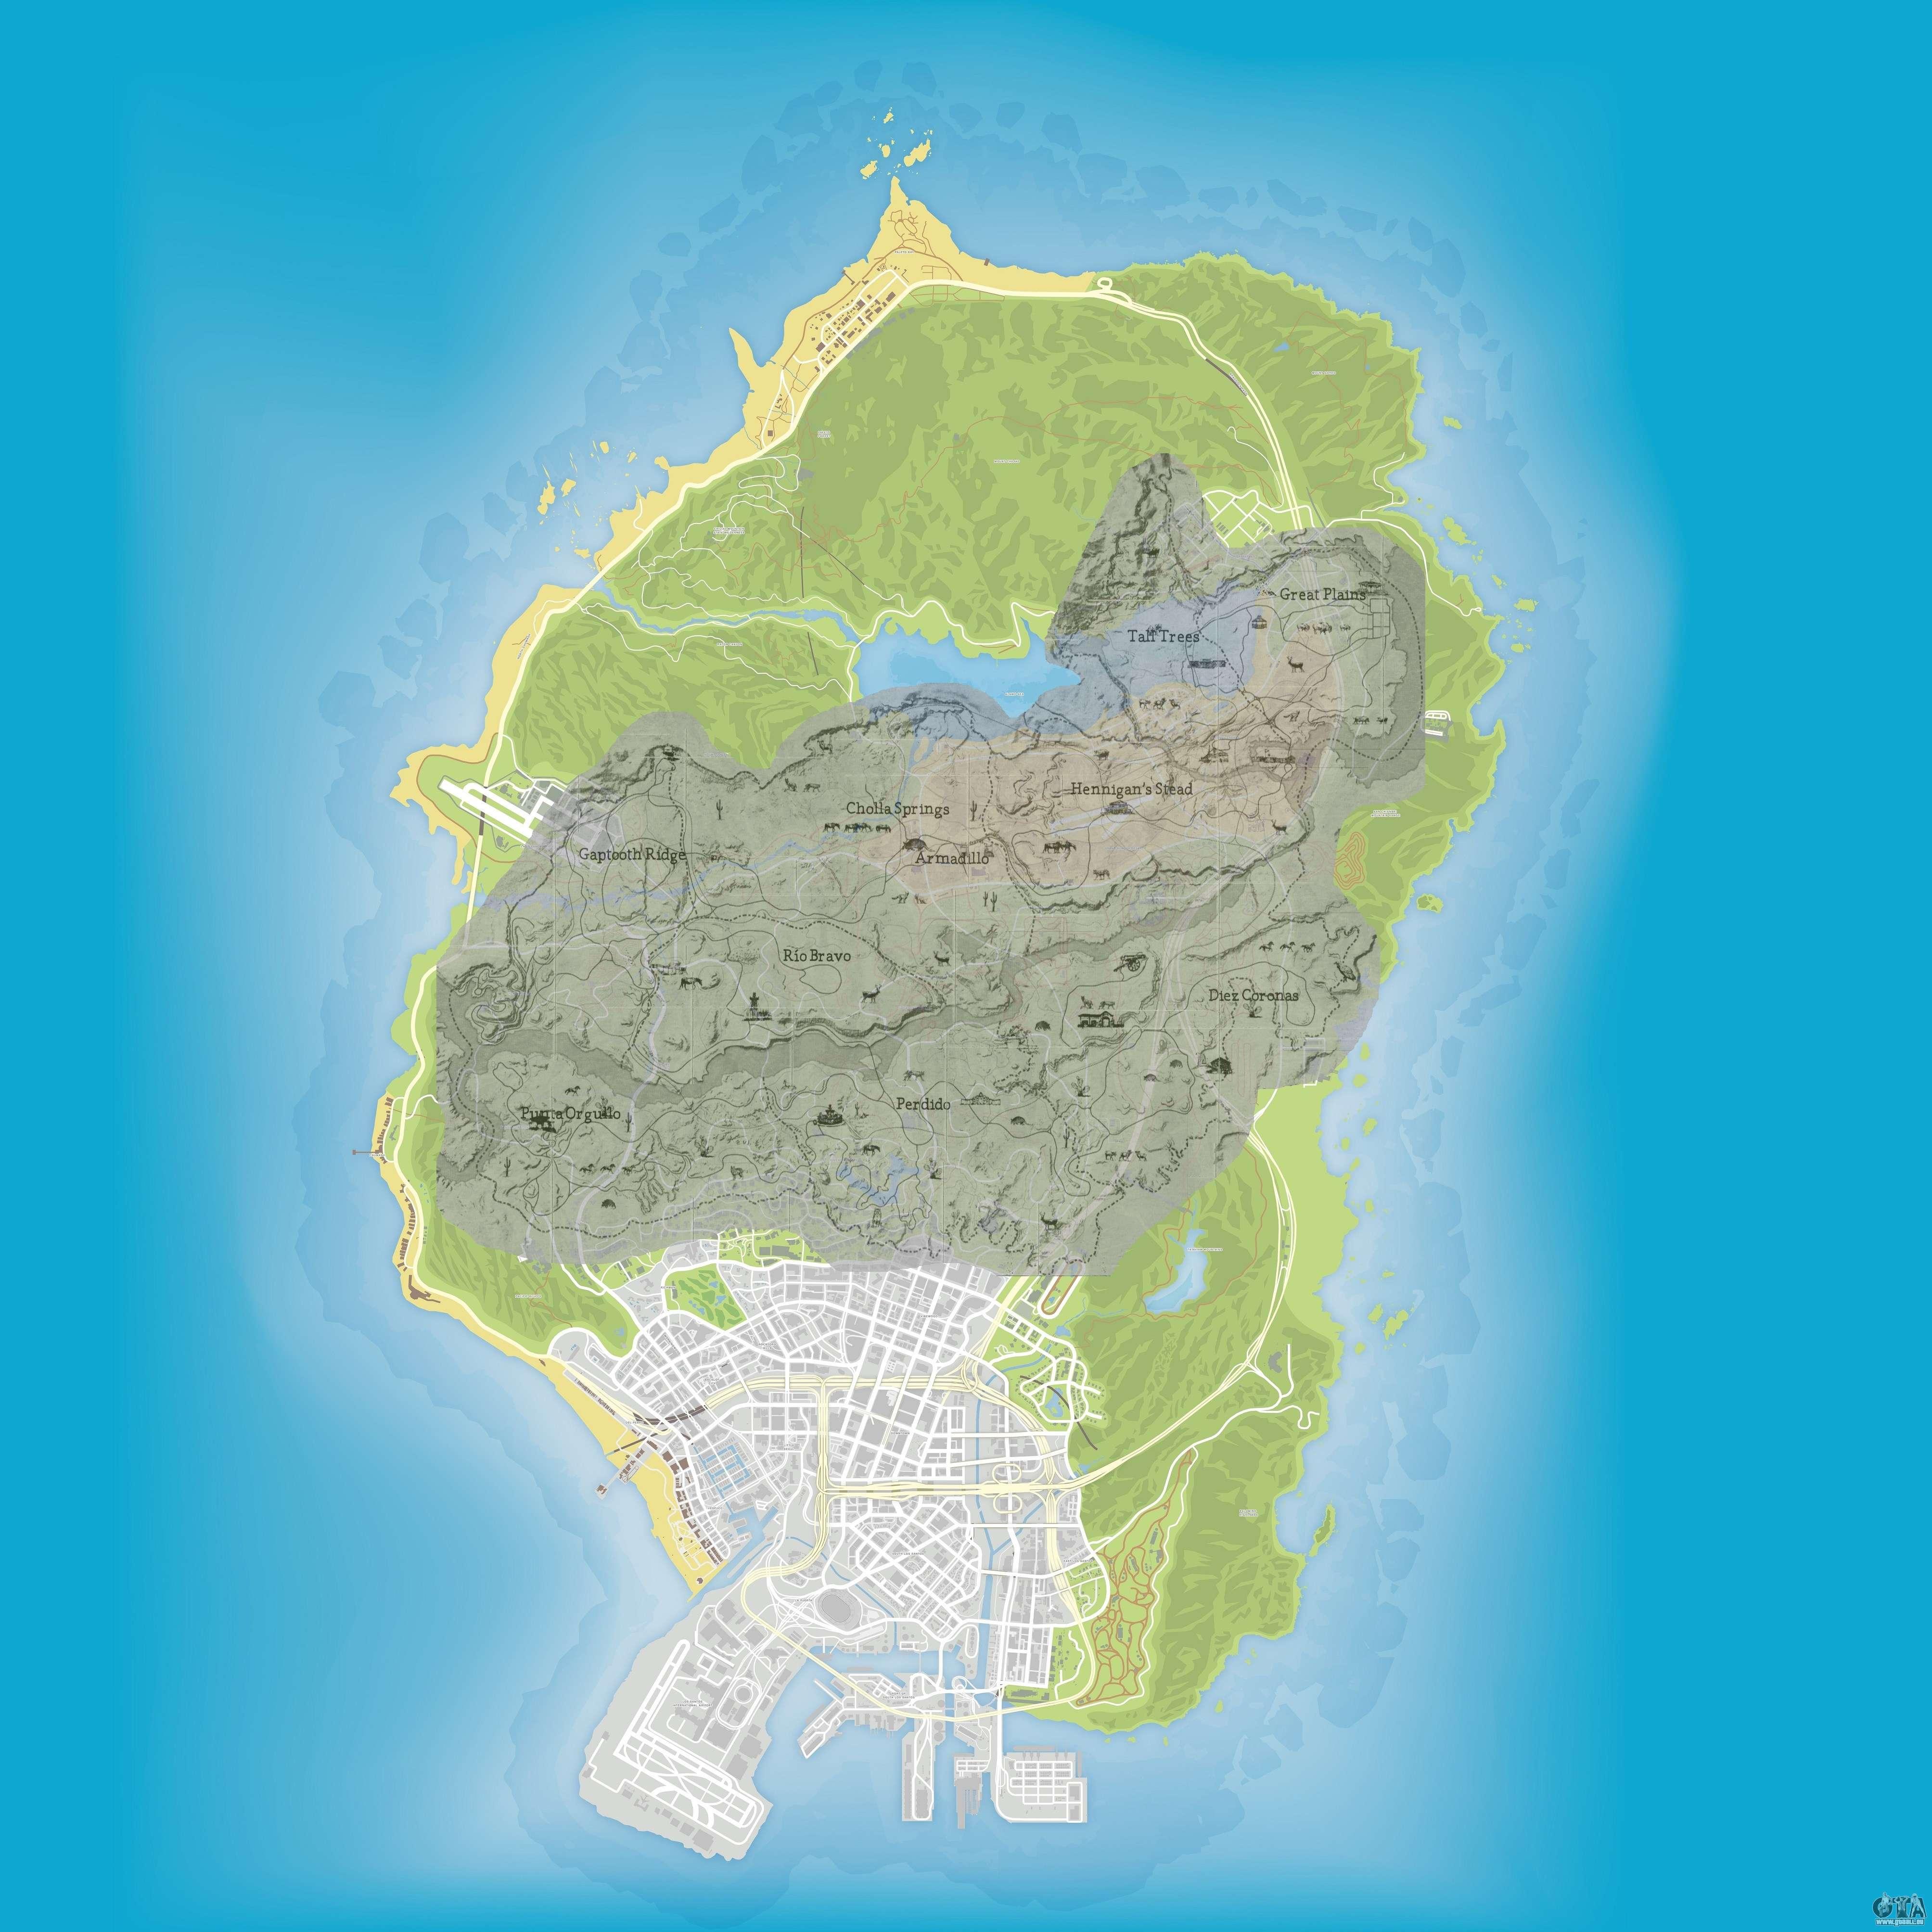 taille carte red dead redemption 2 Comparaison de la taille de la map de GTA 5